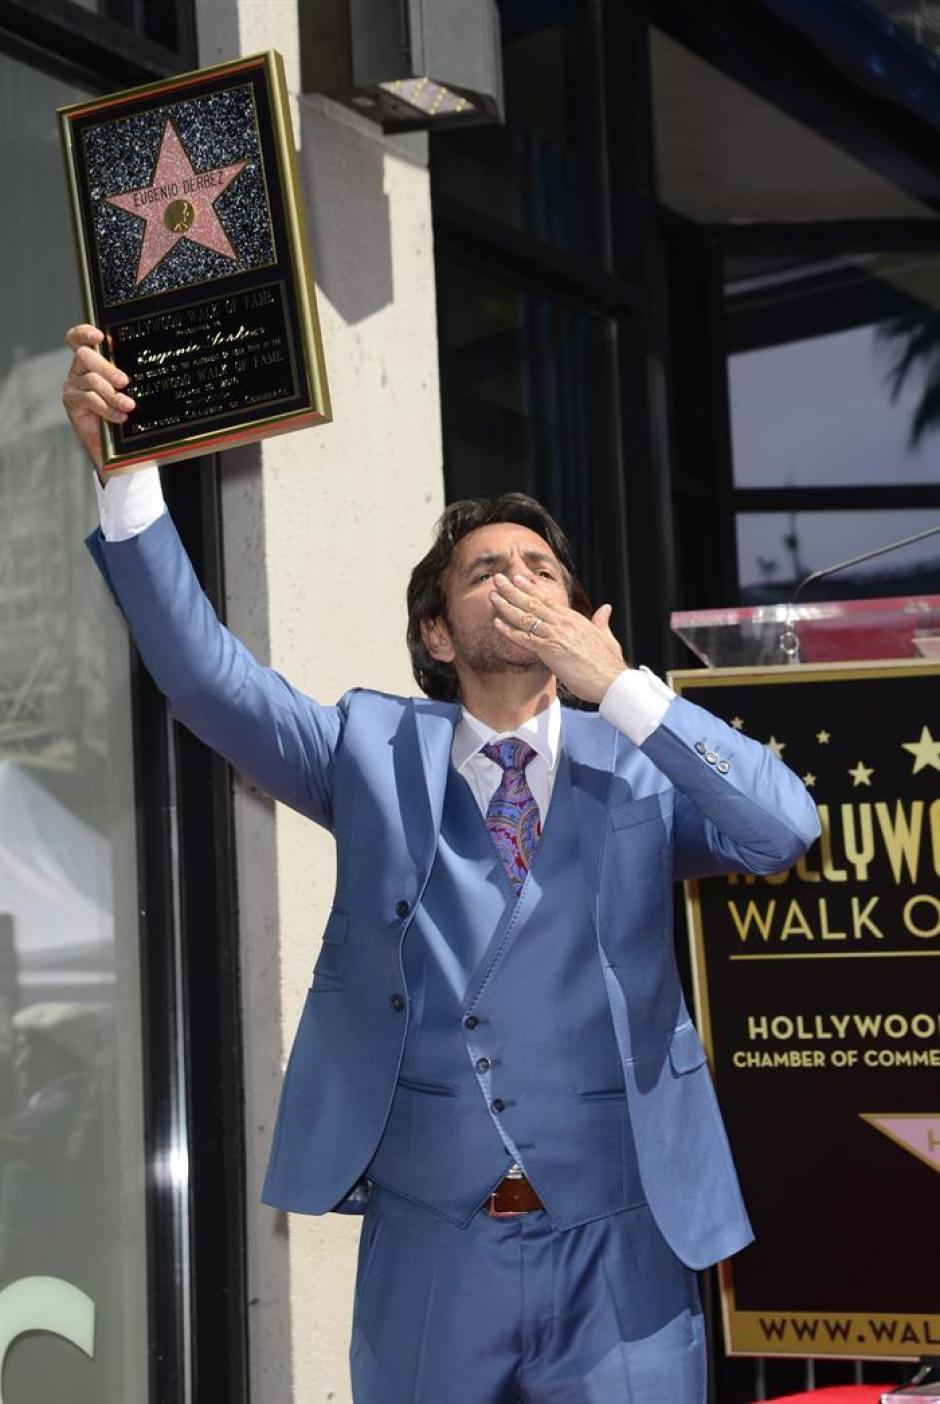 Con traje azul claro y muy sonriente en todo momento, el actor lanzó besos al numeroso público. (Foto:EFE)